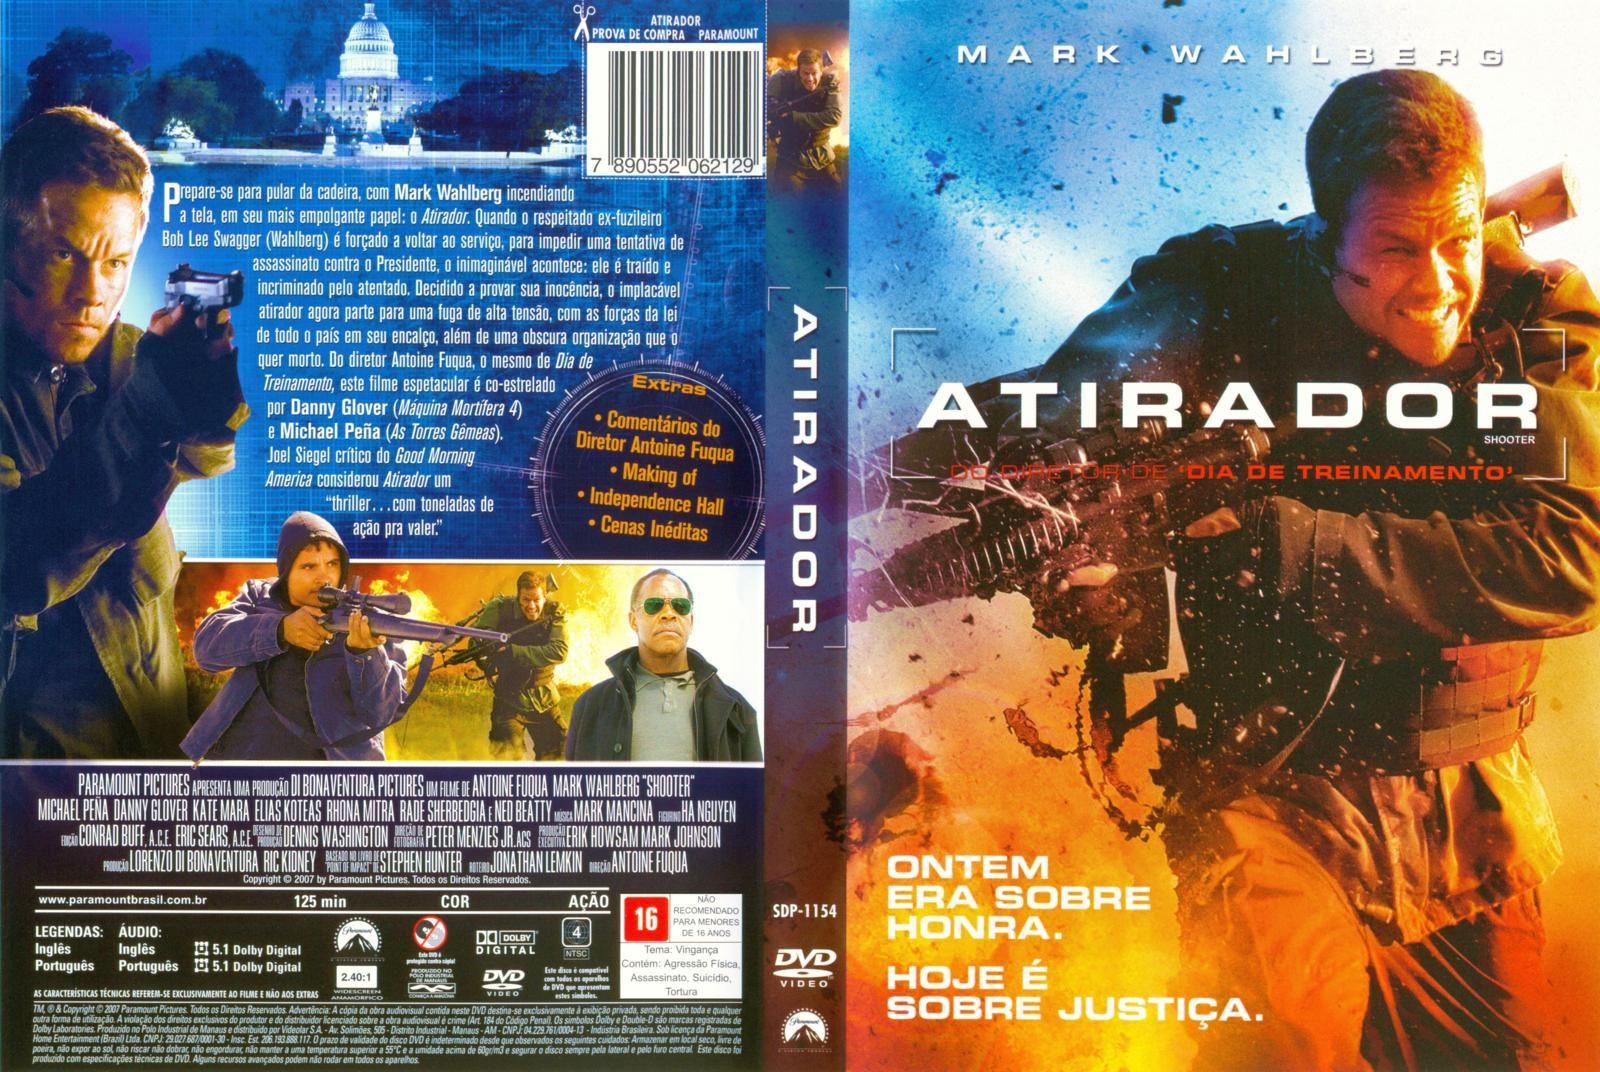 Atirador Meus Dvd S Filmes E Filmes De Acao